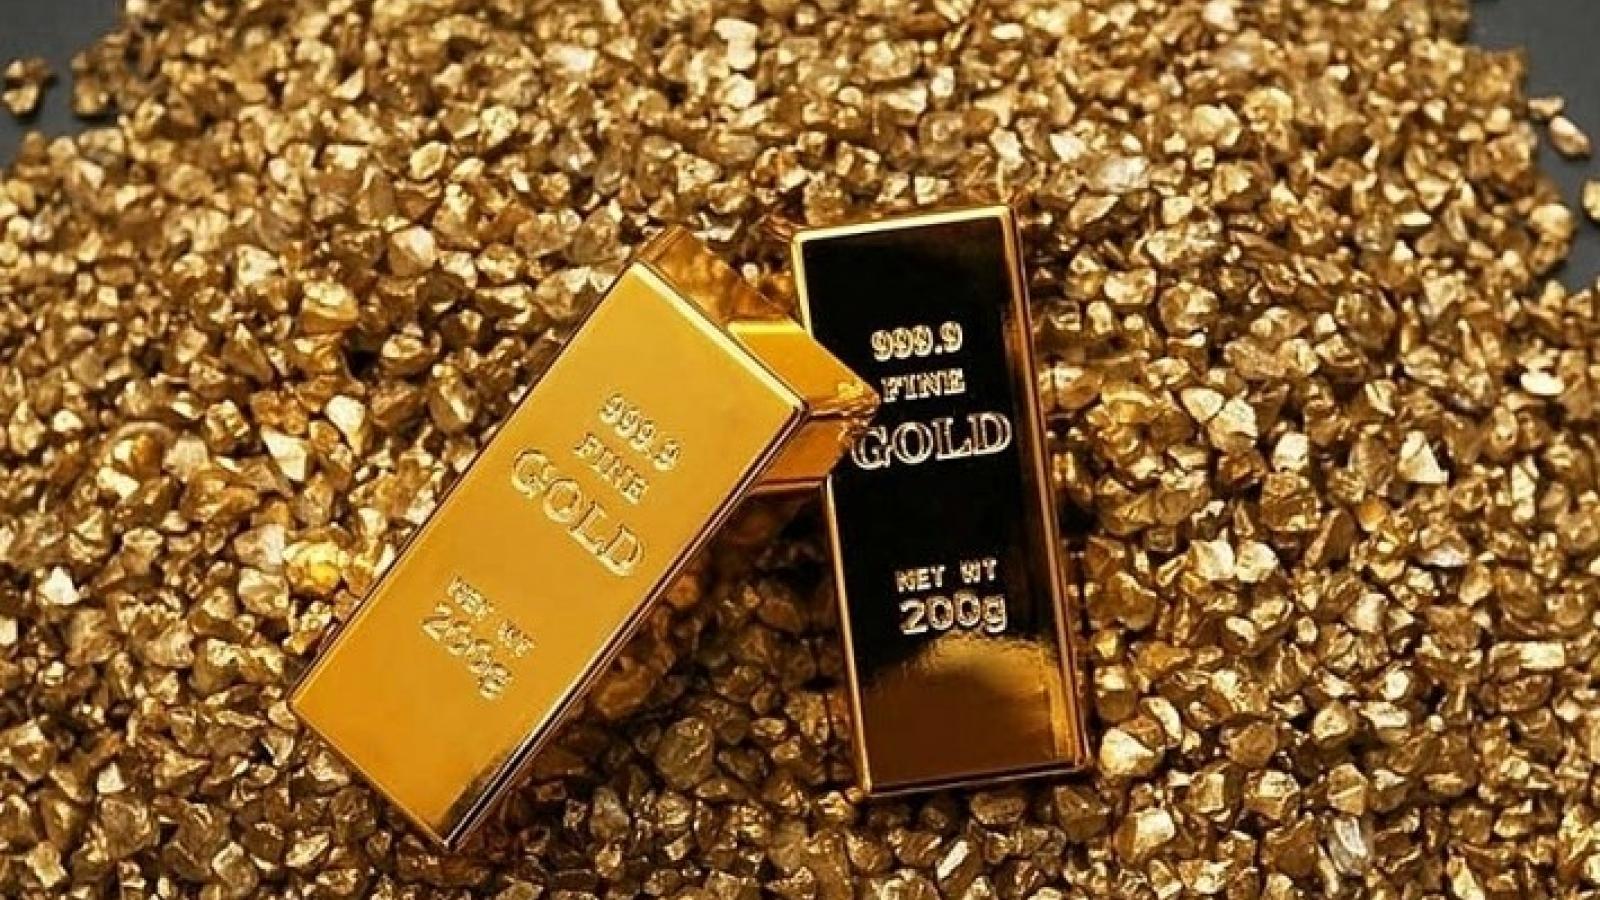 Giá vàng trong nước và thế giới đứng yên trong phiên giao dịch đầu tuần